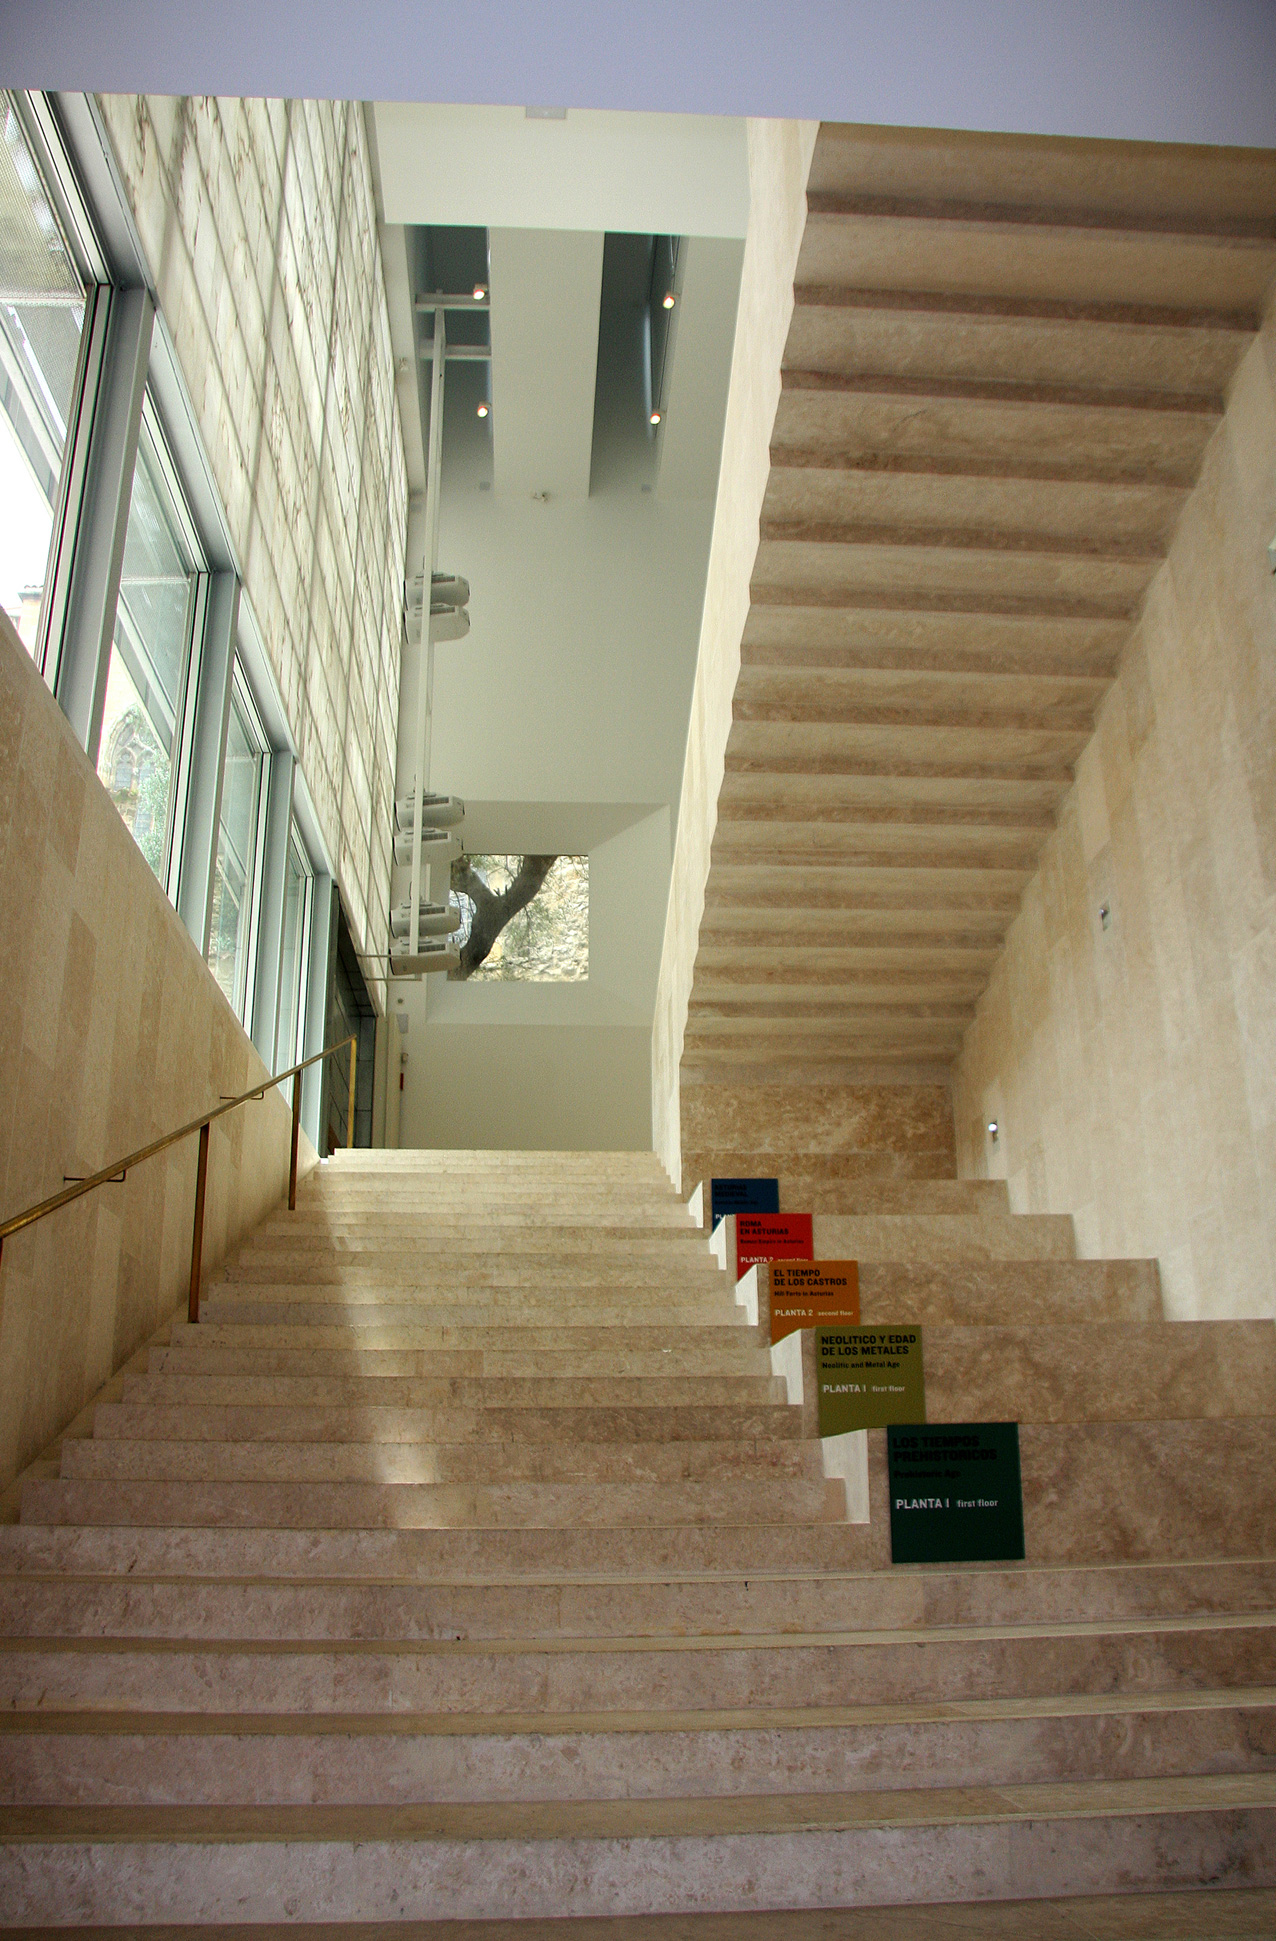 Museo_Arqueologico_Asturias_35.jpg